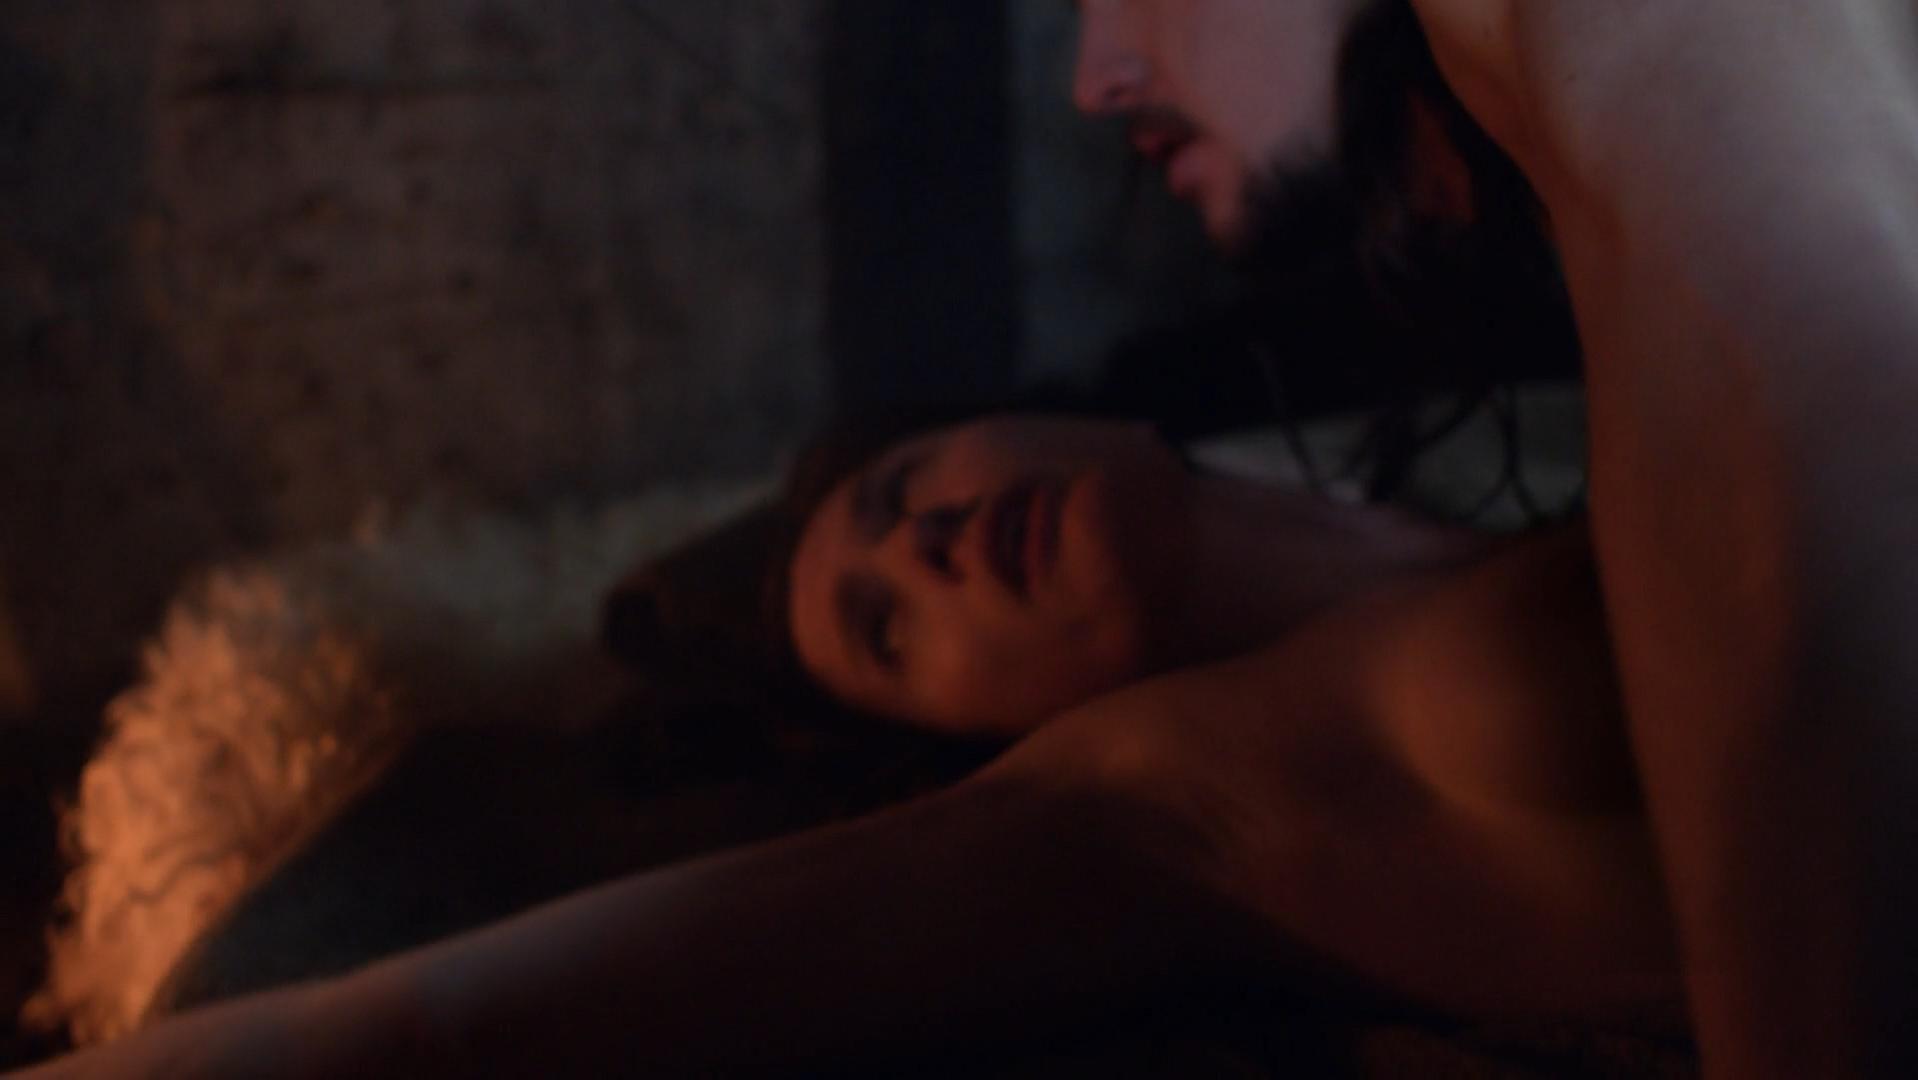 Emily Cox nude - The Last Kingdom s01e02-03 (2015)